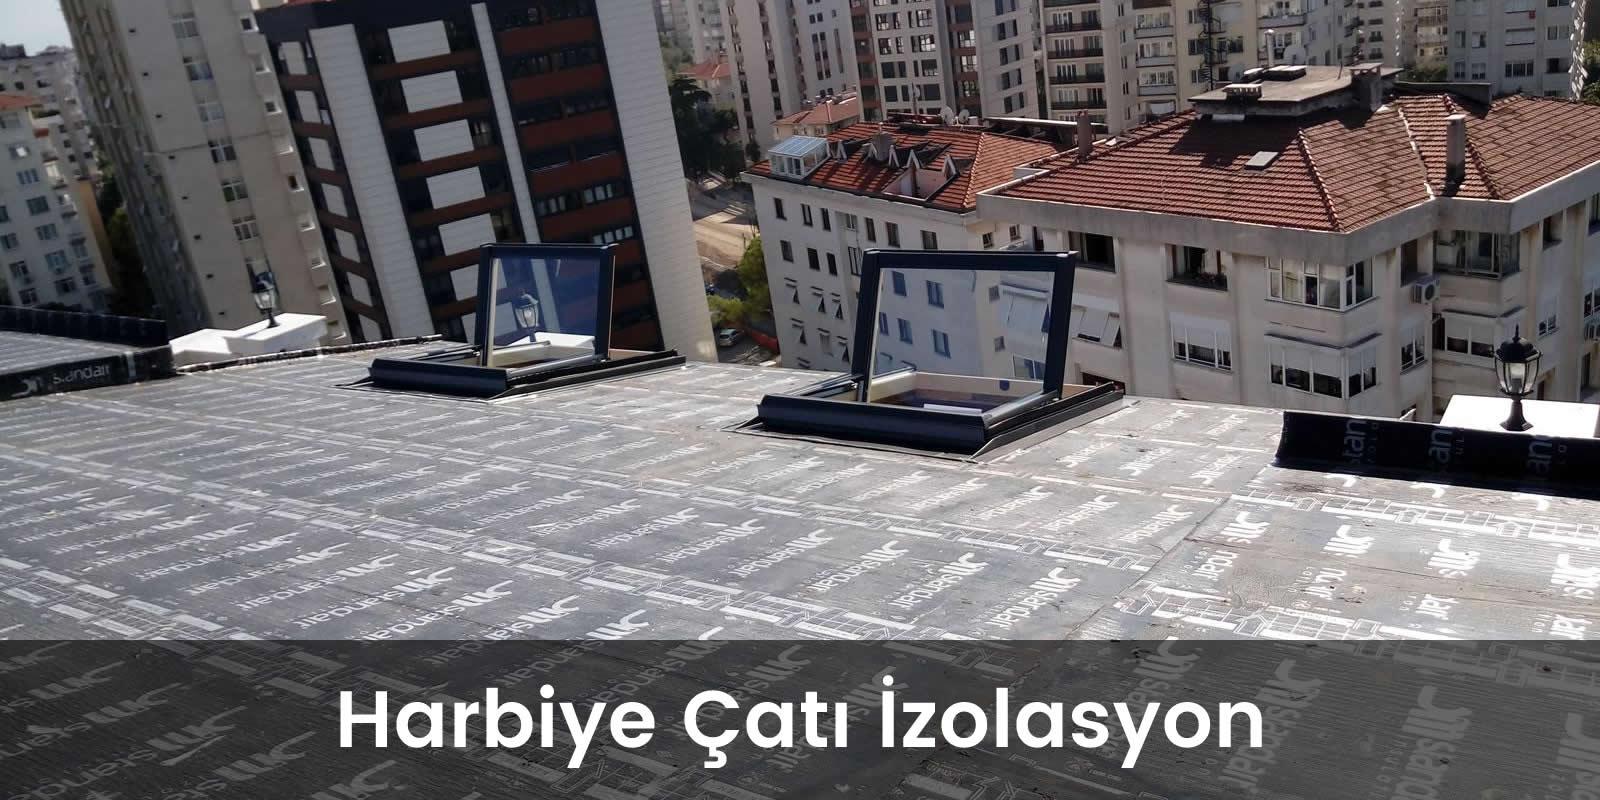 Harbiye çatı izolasyon